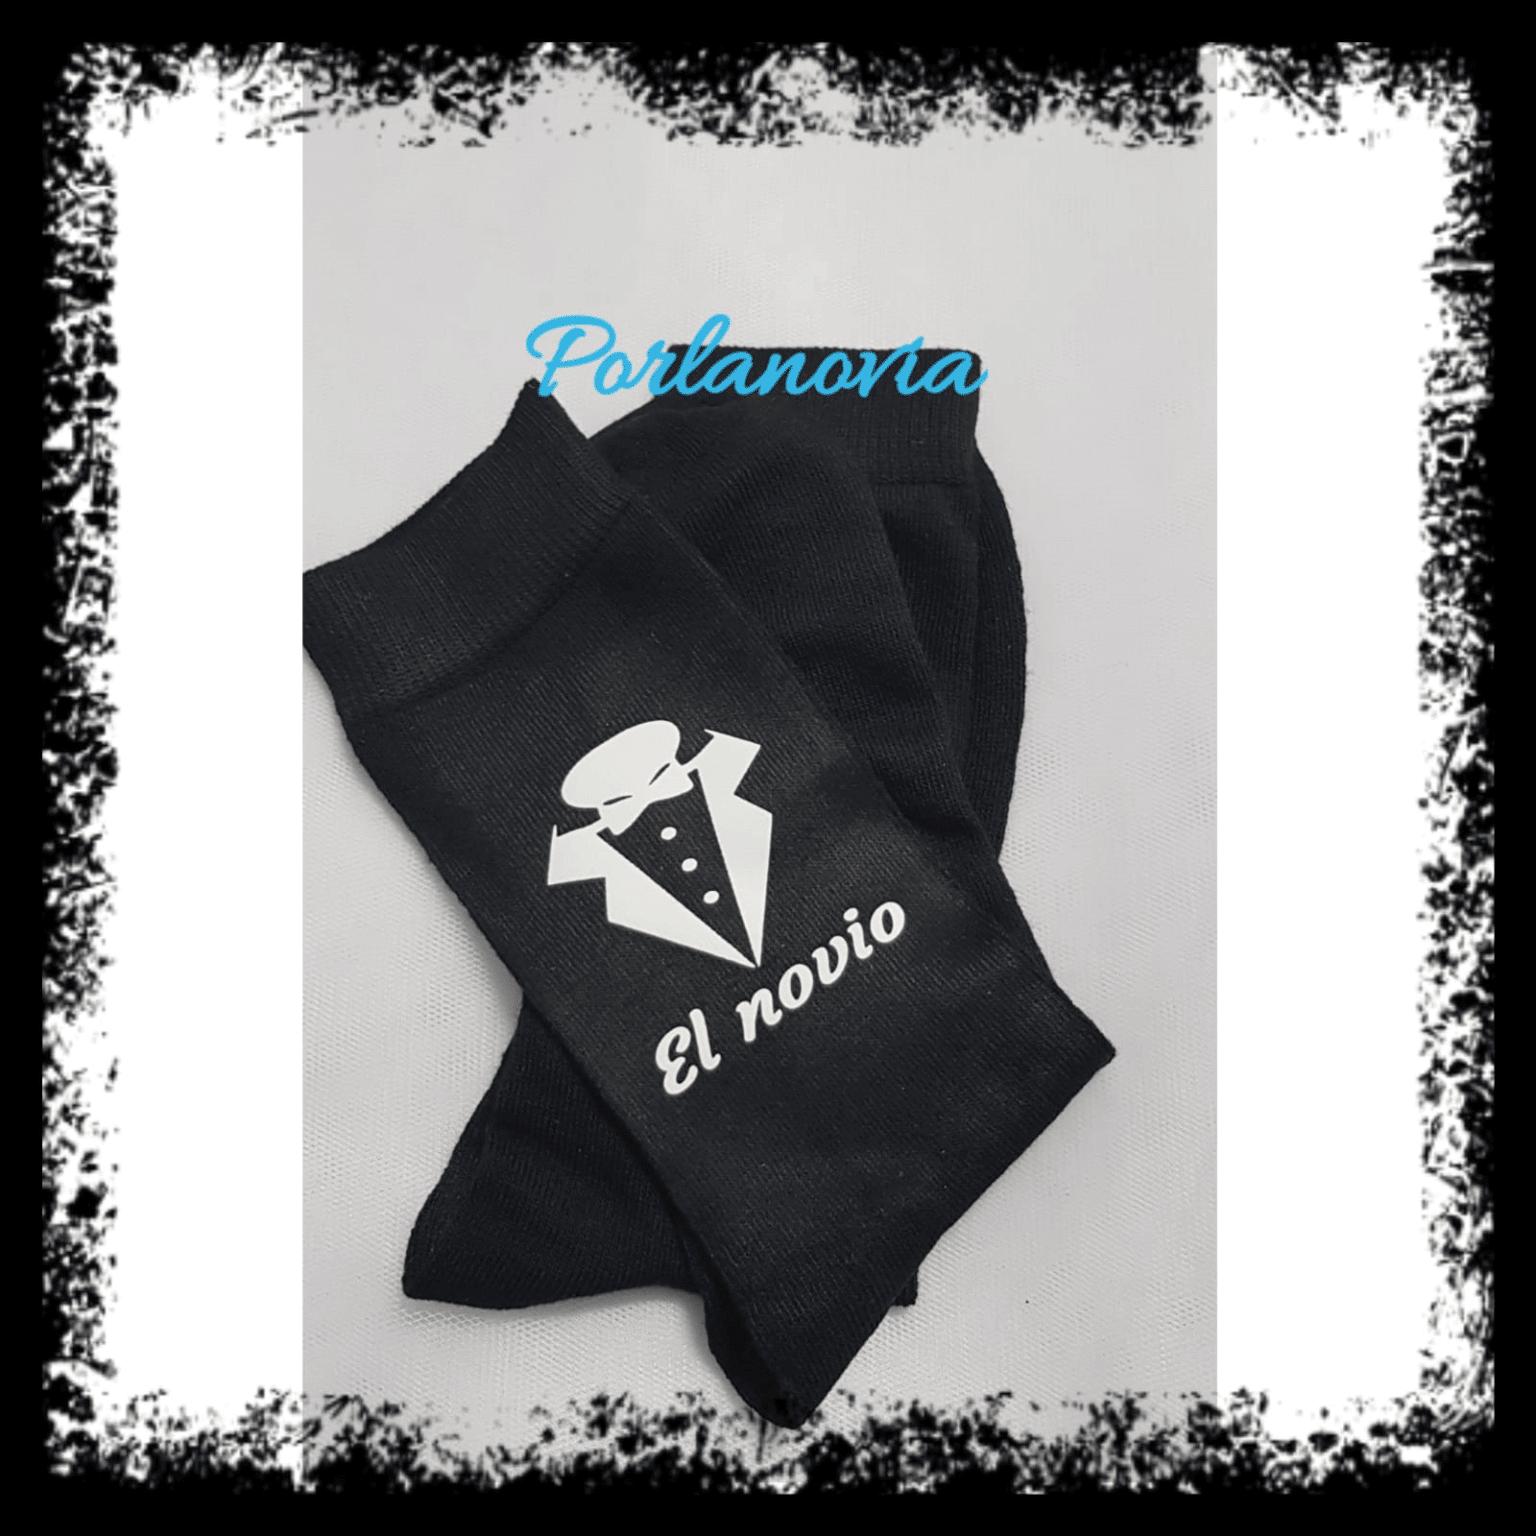 calcetines originales regalos personalizados porlanovia calcetines originales - calcetines originales regalos personalizados porlanovia3 - calcetines originales regalos personalizados porlanovia